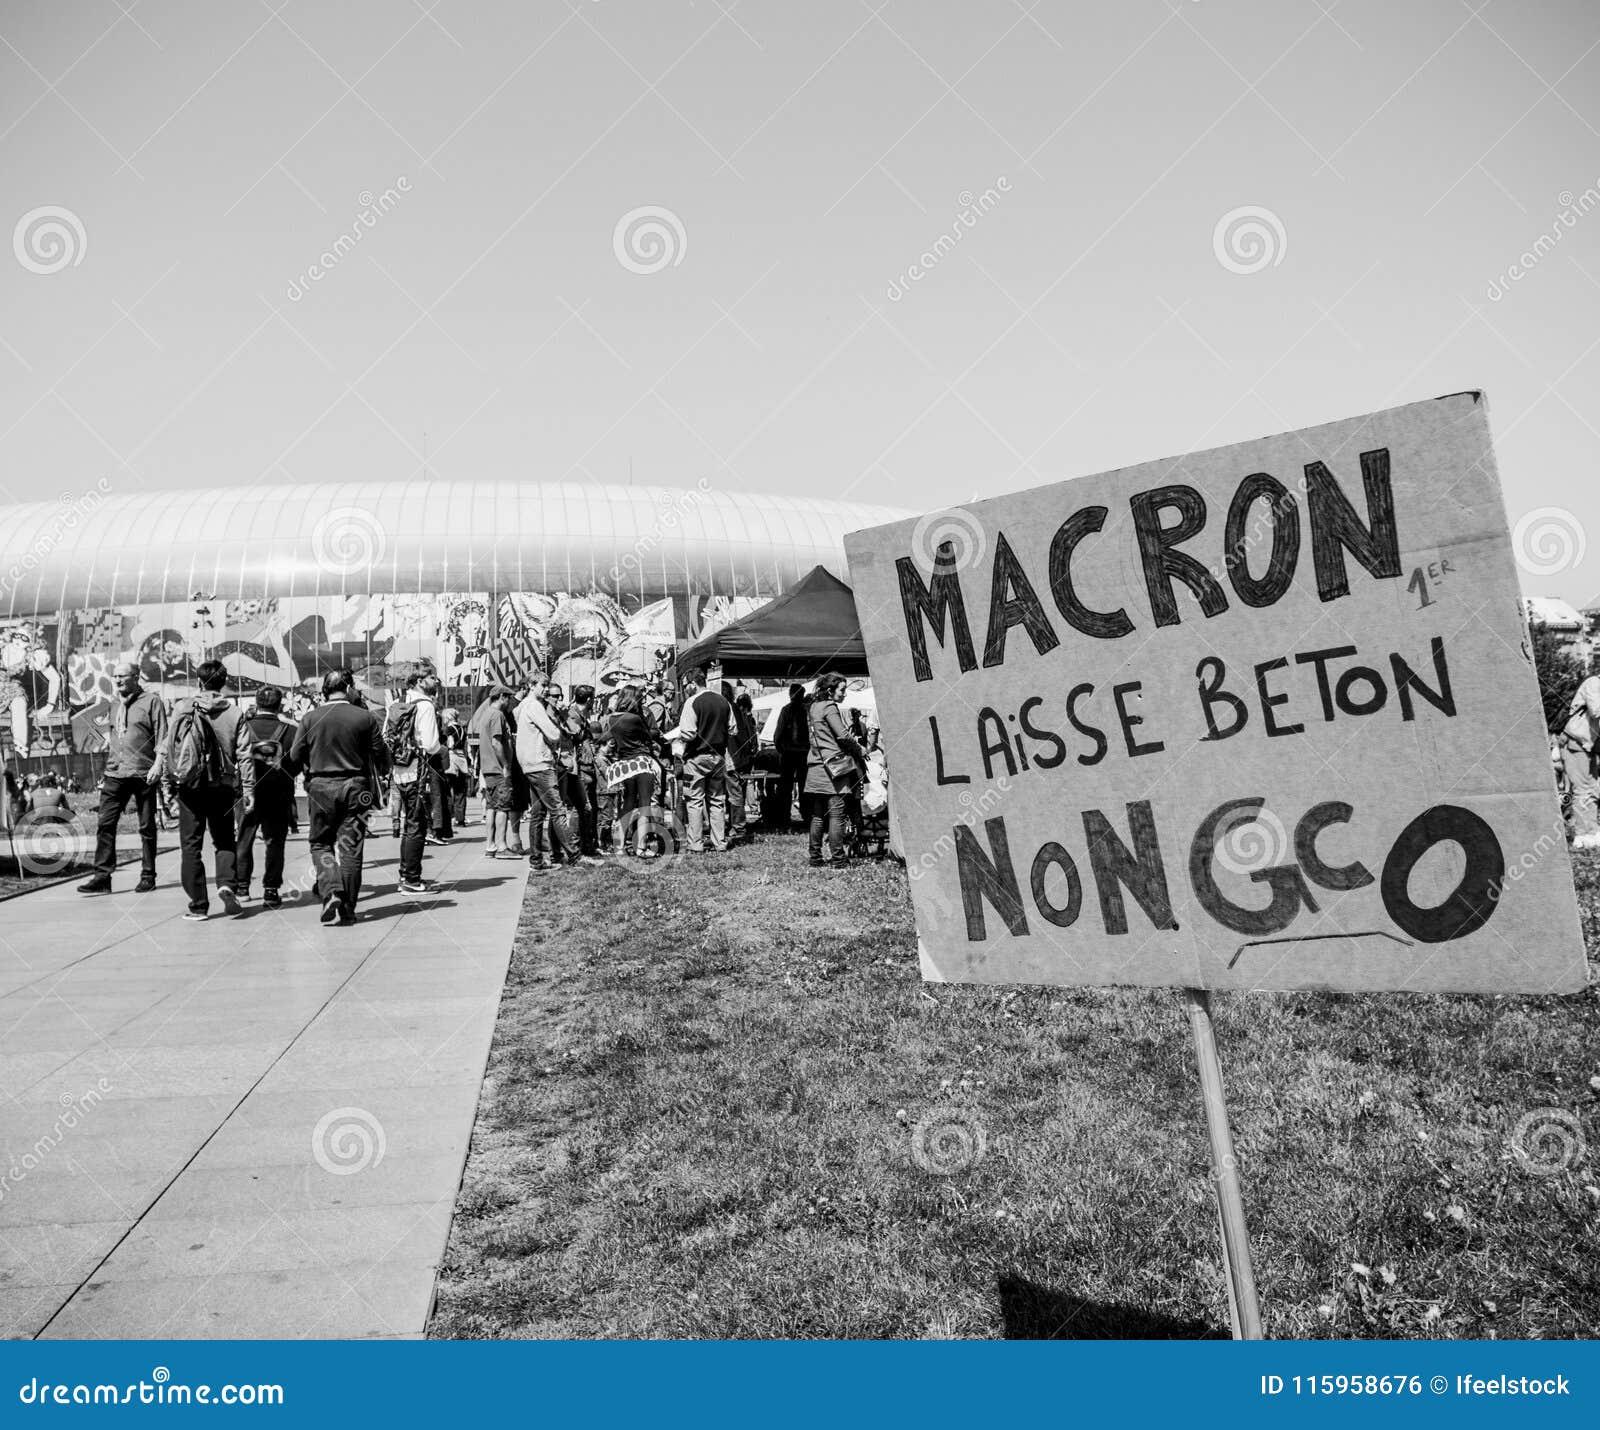 Fete Macron